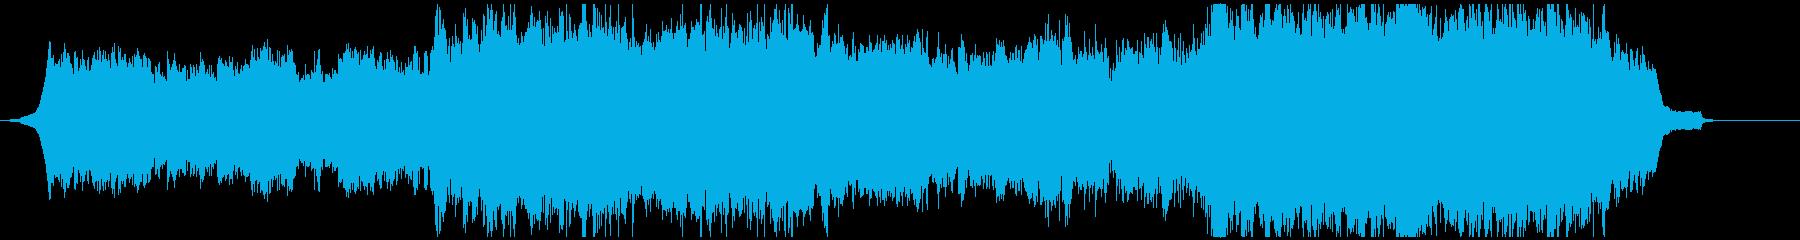 ピアノとストリングスのシネマティックな曲の再生済みの波形